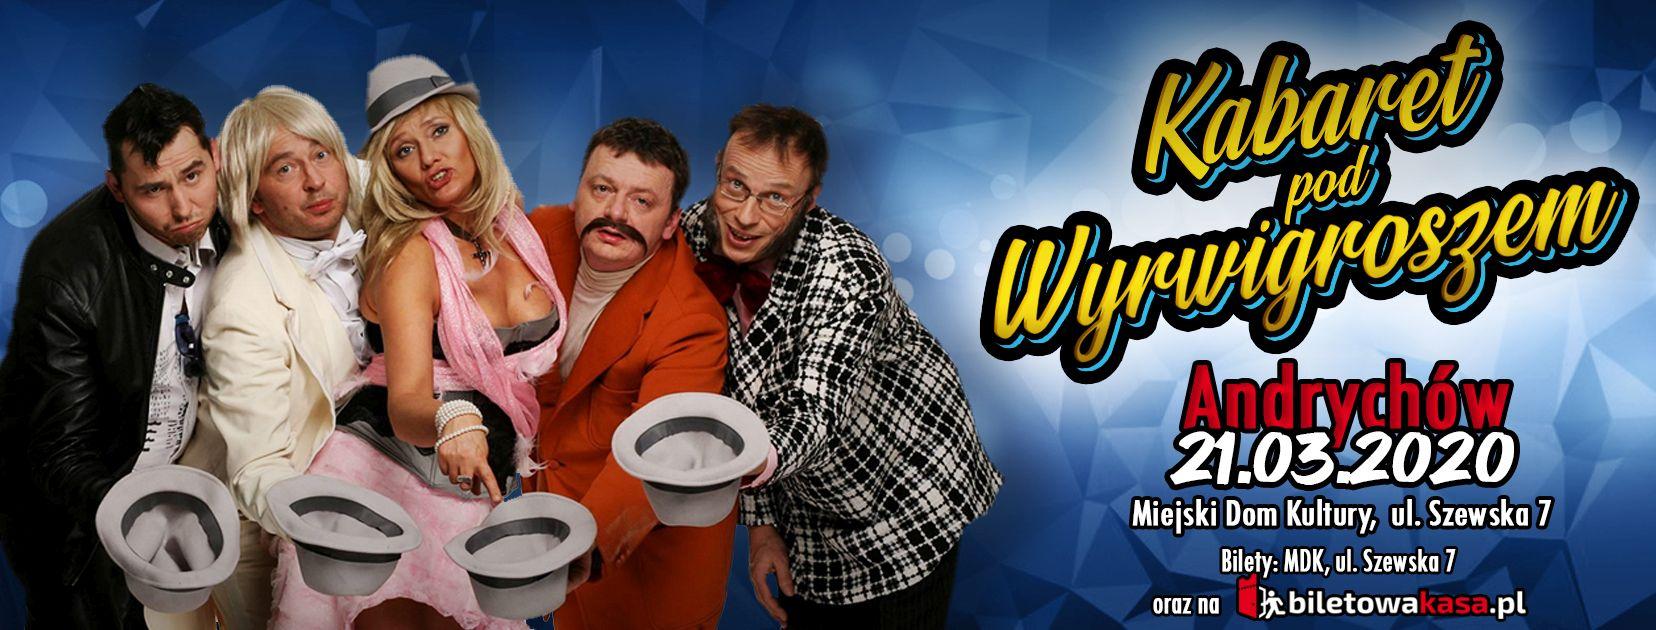 Kabaret pod Wyrwigroszem w Andrychowie. Do do wygrania dwa podwójne zaproszenia